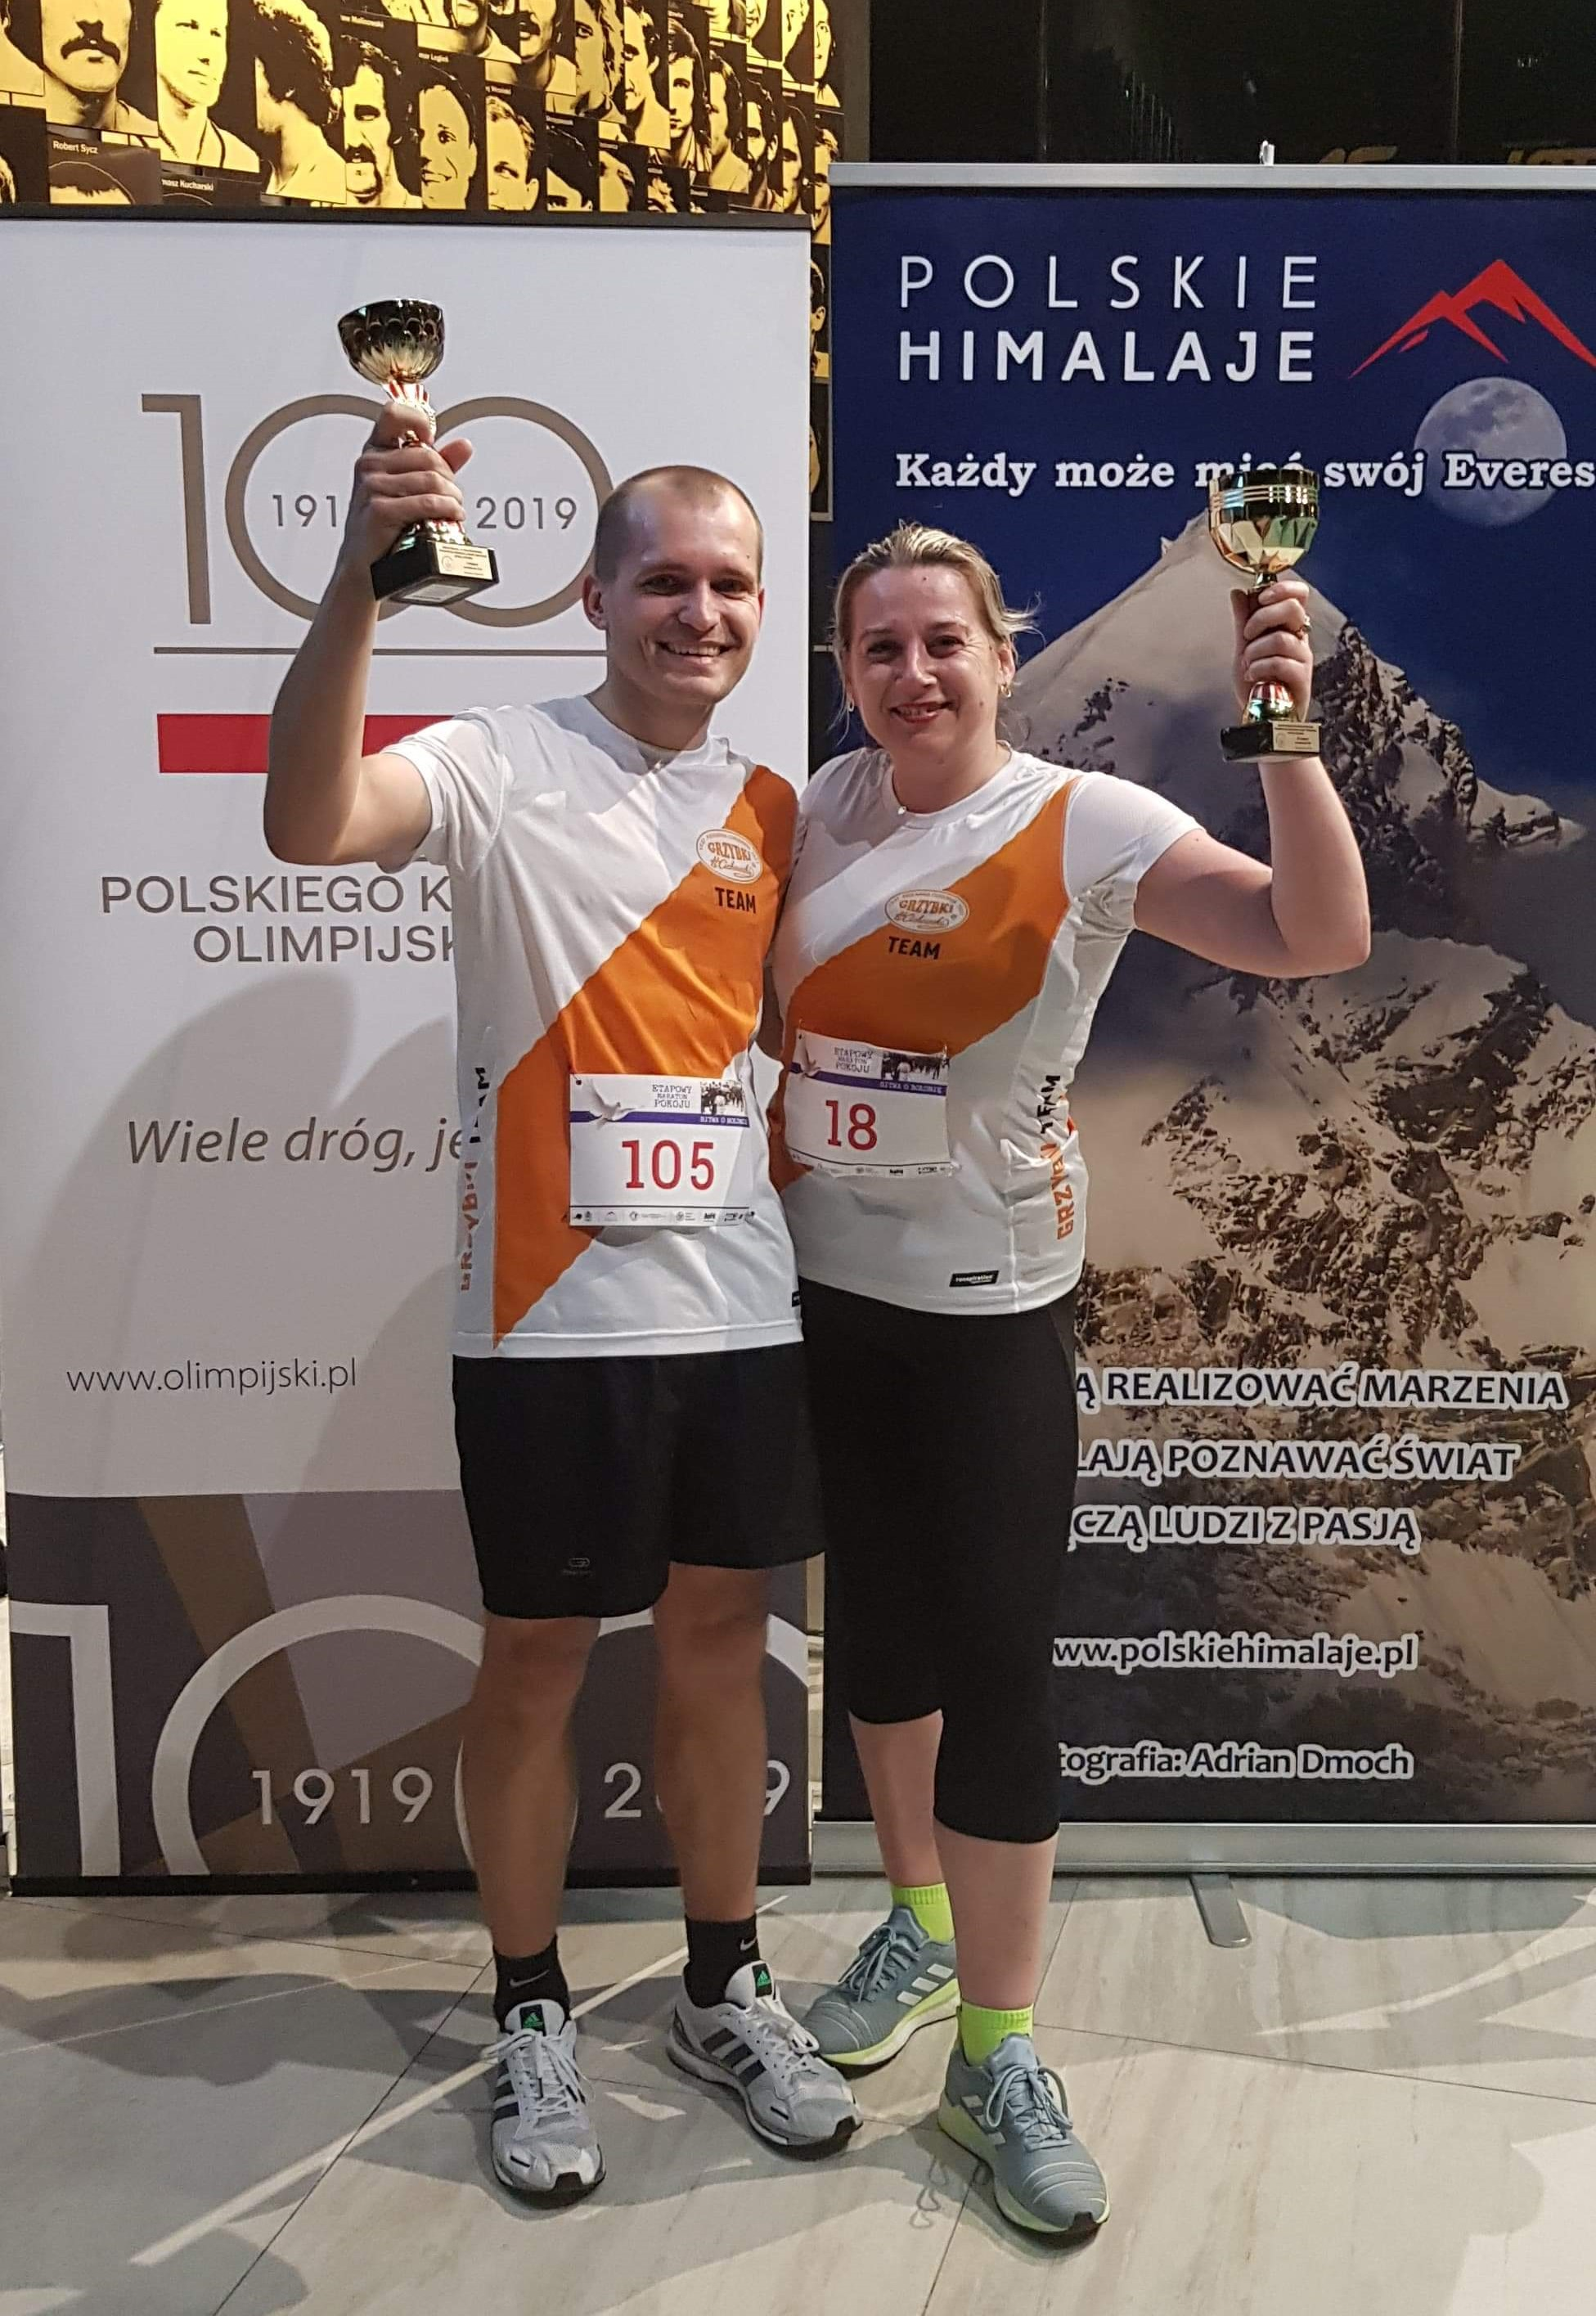 Ania i Łukasz na mecie, Łukasz znów na podium - gratulacje!   Etapowy Maraton Pokoju - Bitwa o Bolonię - Warszawa 25 kwietnia 2019r.